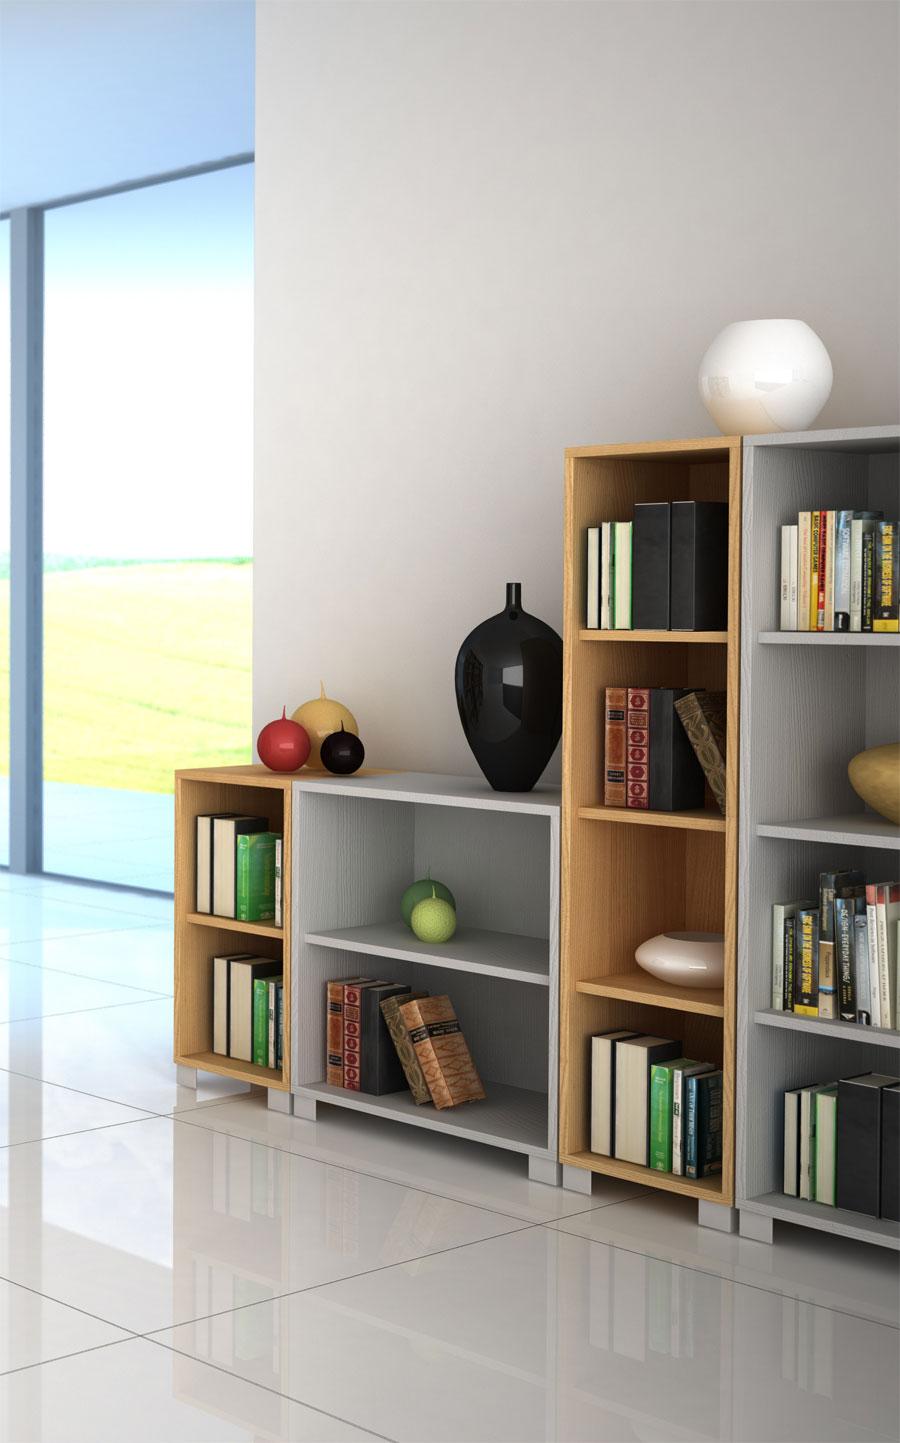 Mobile libreria design basso in legno arredare moderno - Mobile basso moderno ...